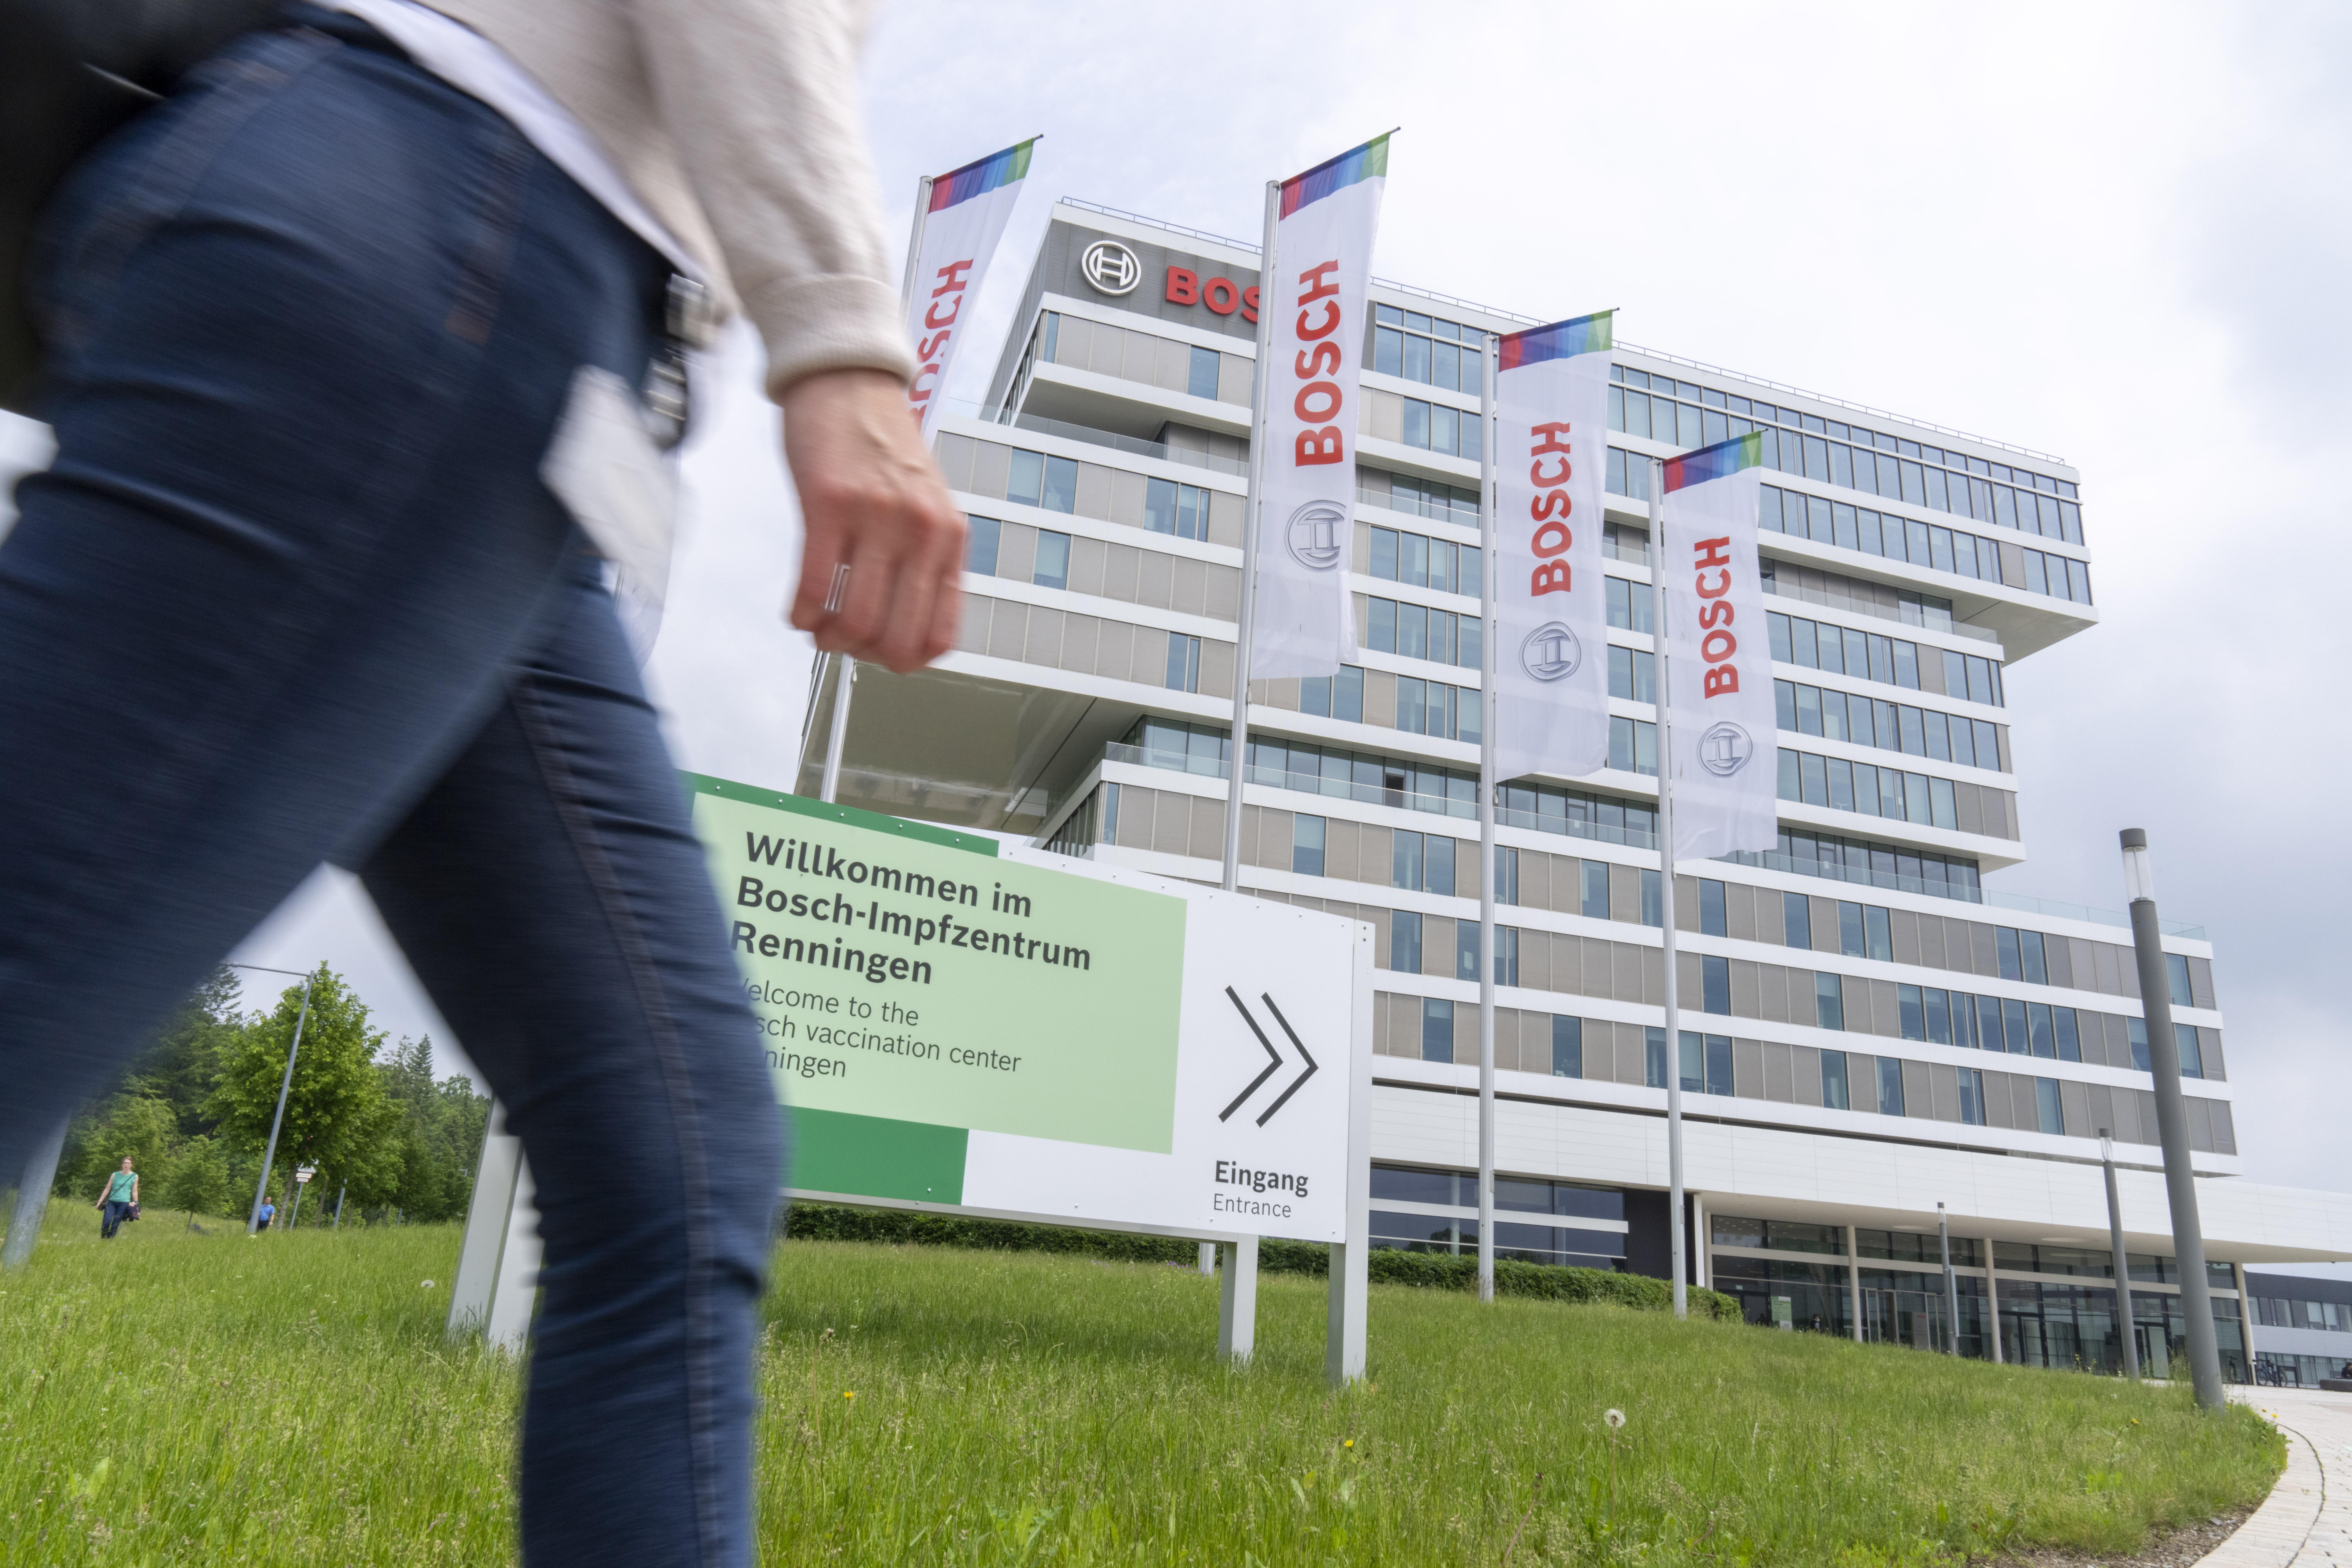 Bosch betreibt Covid-19 Impfzentrum auf dem Gelände seines Forschungscampus